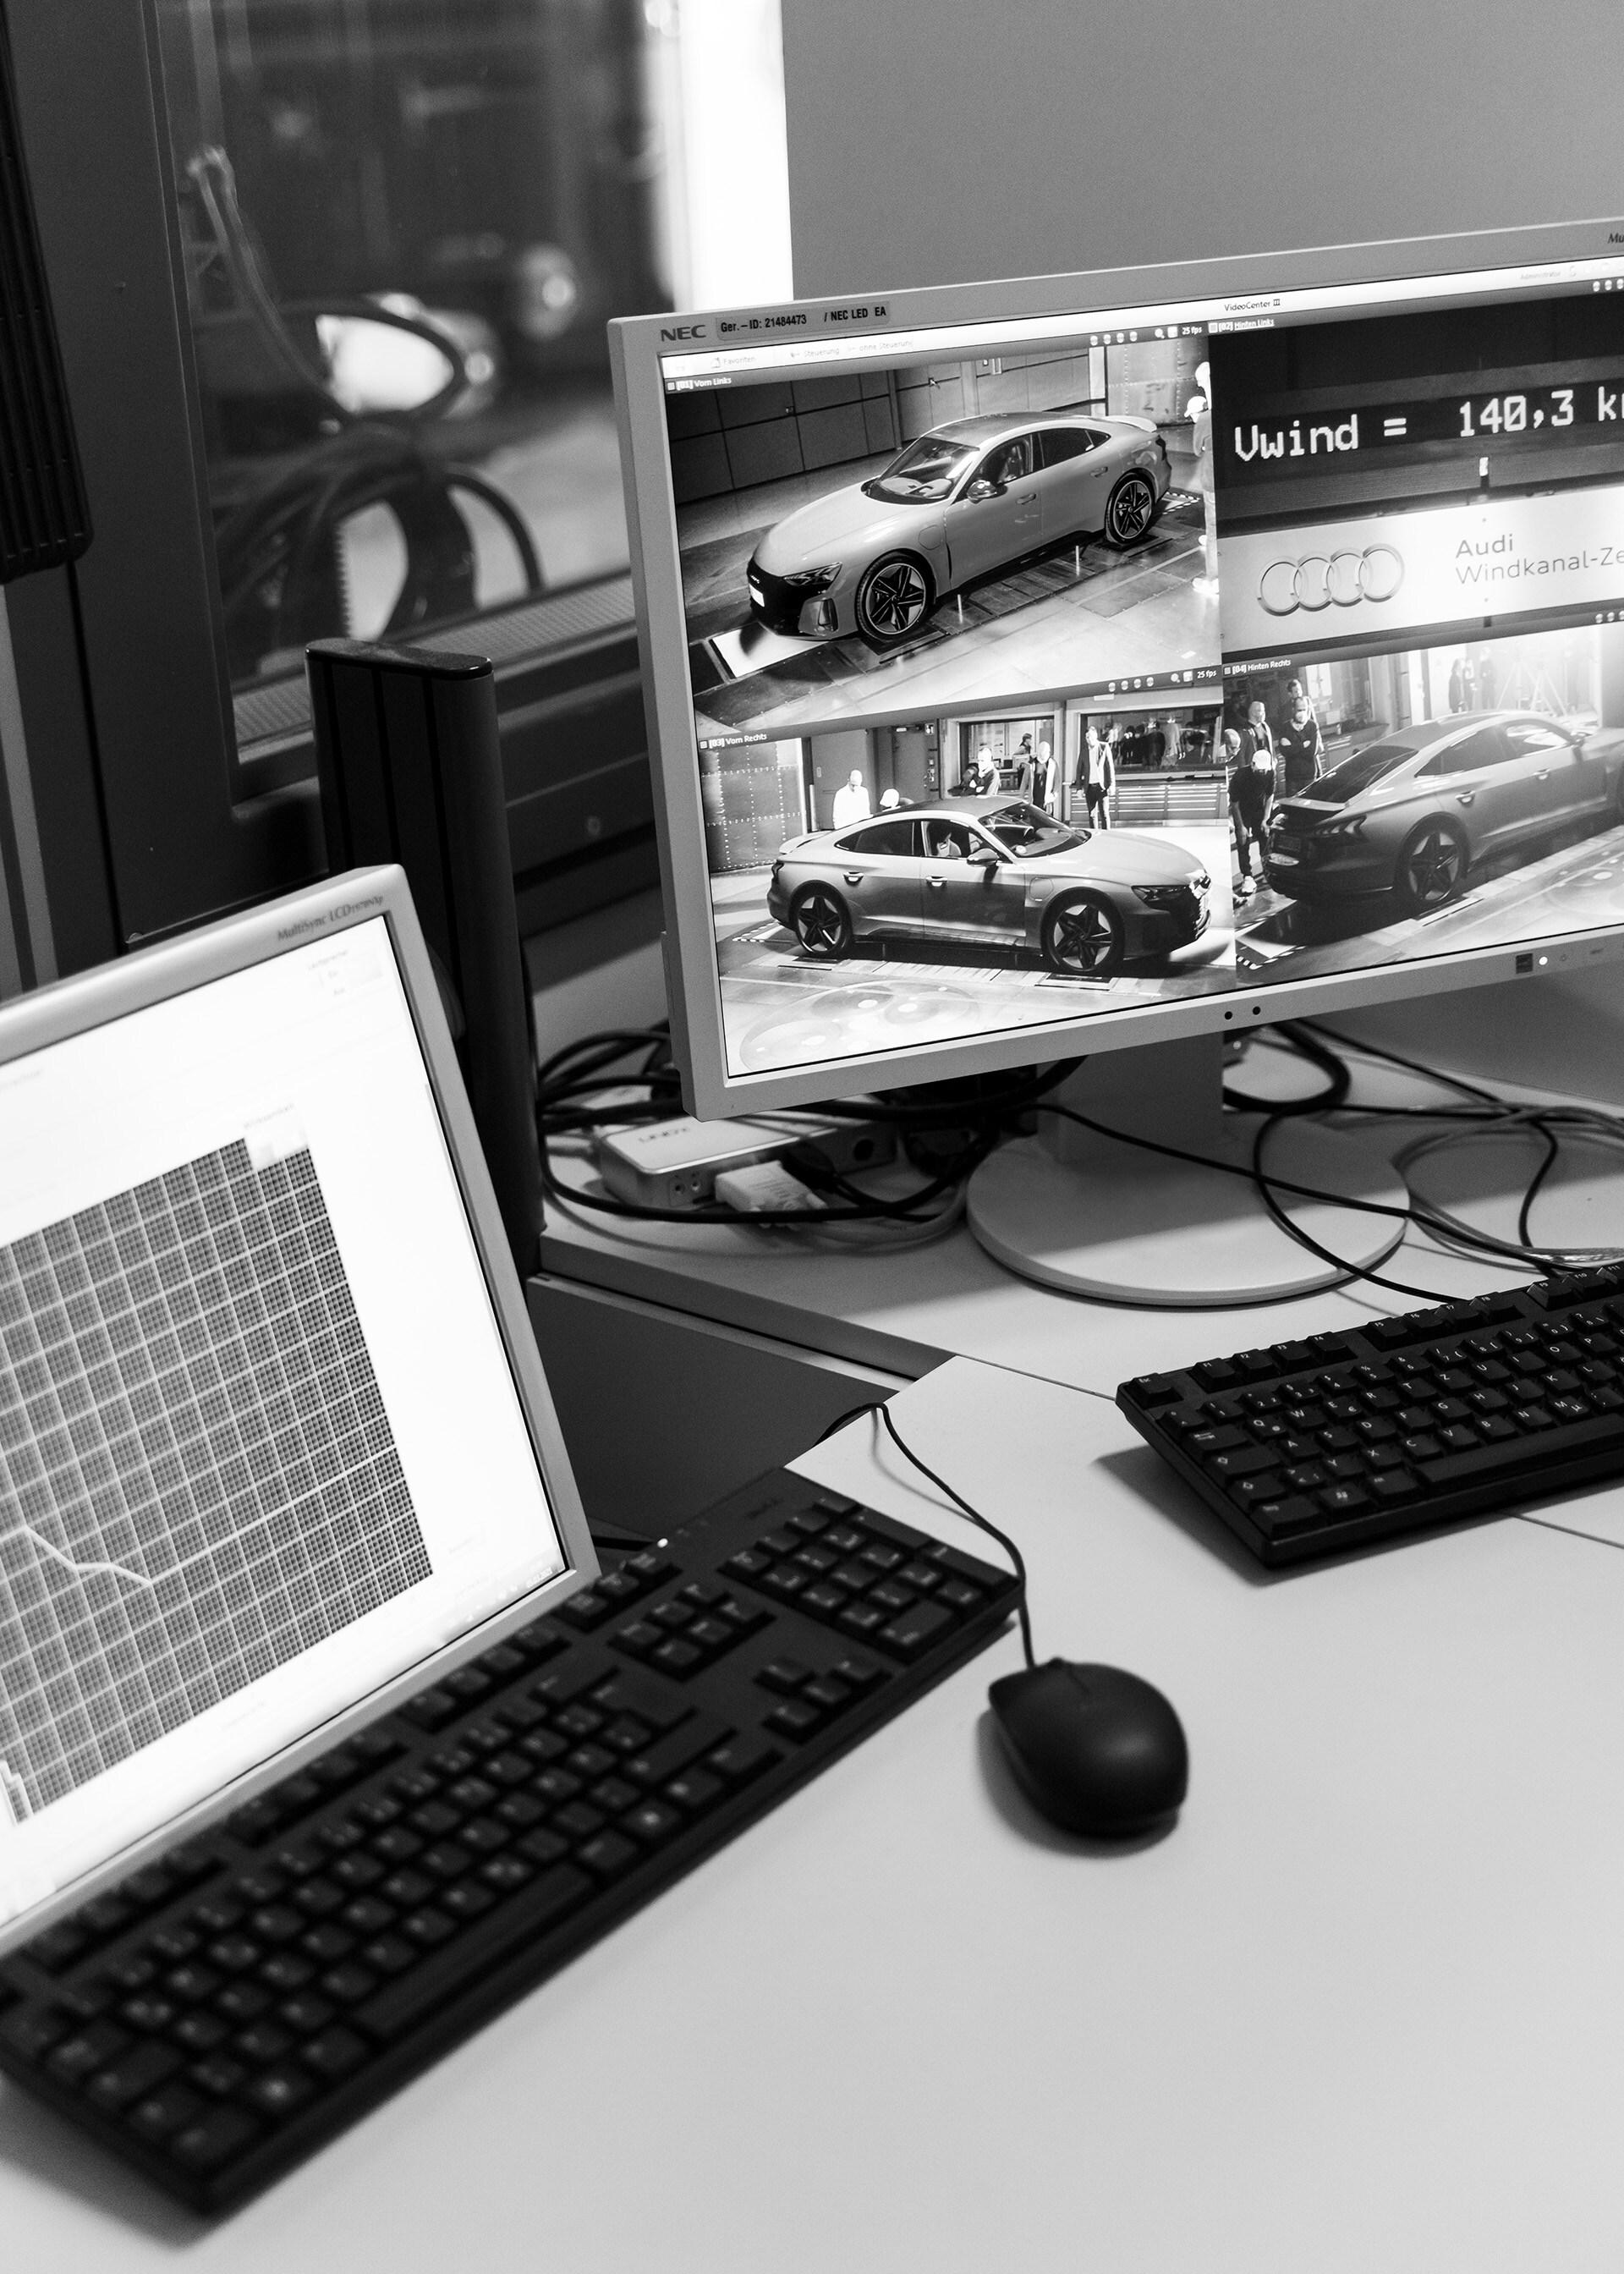 Strokovnjaki za aerodinamiko imajo na svojih delovnih postajah ves čas dostop do najbolj pomembnih podatkov o vozilu in vetrovniku